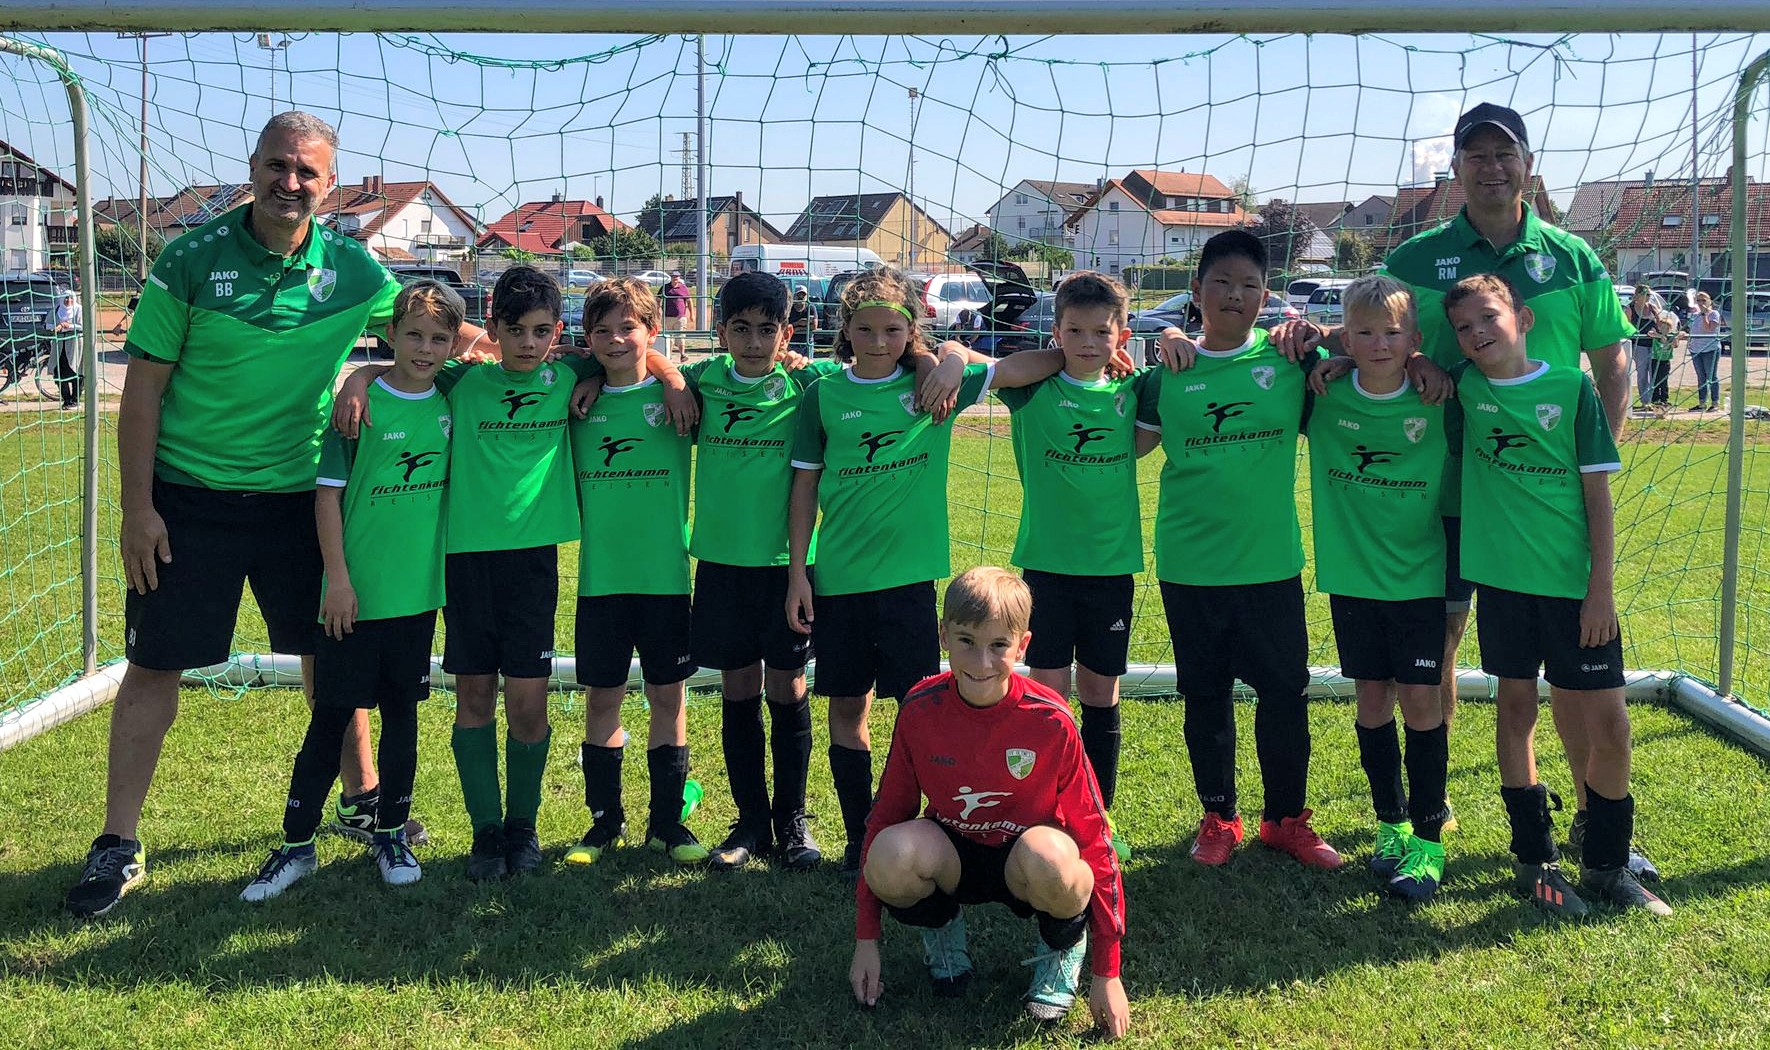 Spielbericht Pokalspiel E1 Junioren SV Hagenbach gegen SVO Rheinzabern vom 04.09.2021